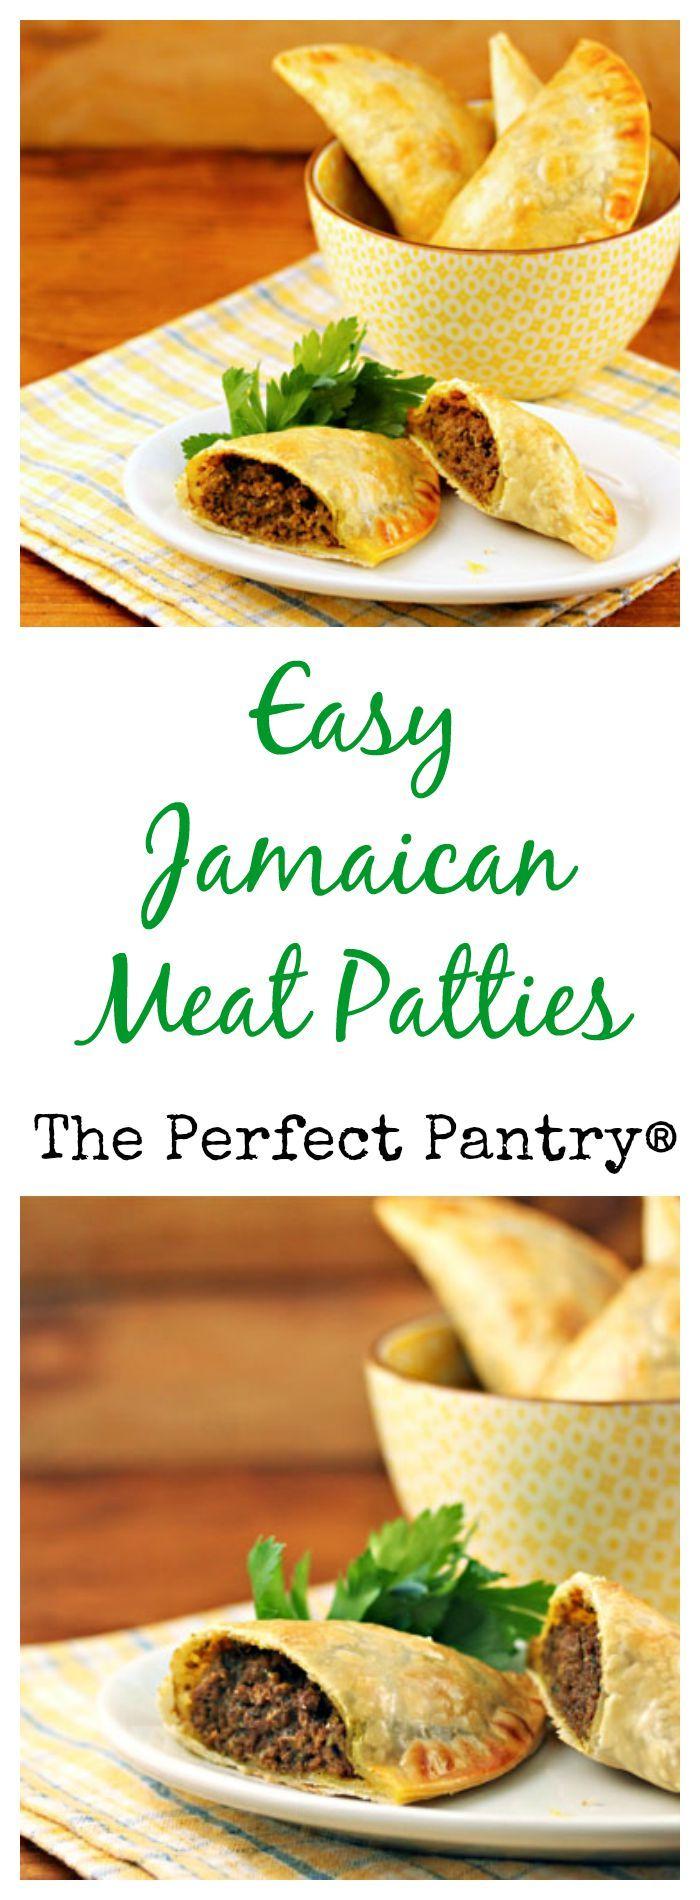 De 20+ bästa idéerna om Jamaican patty på Pinterest ...